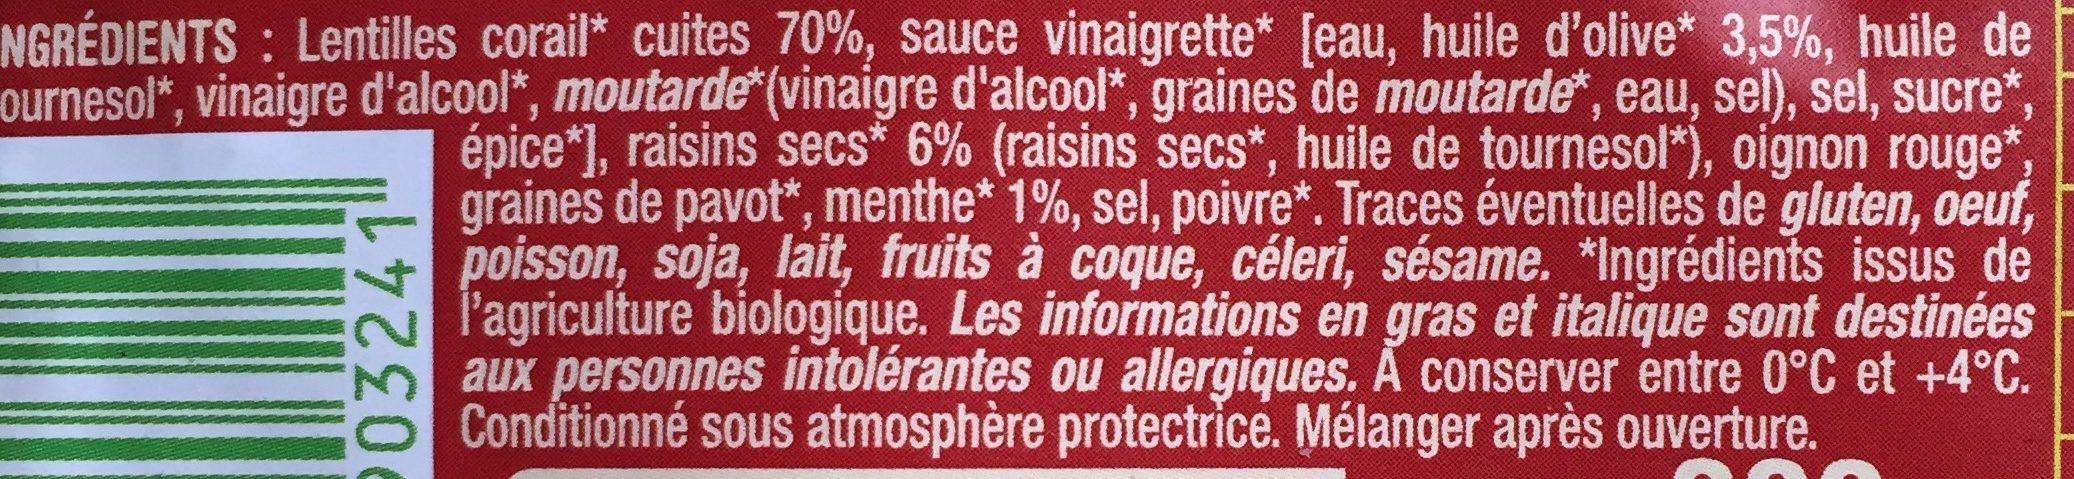 Salade Lentille Corail aux raisins secs - Ingredientes